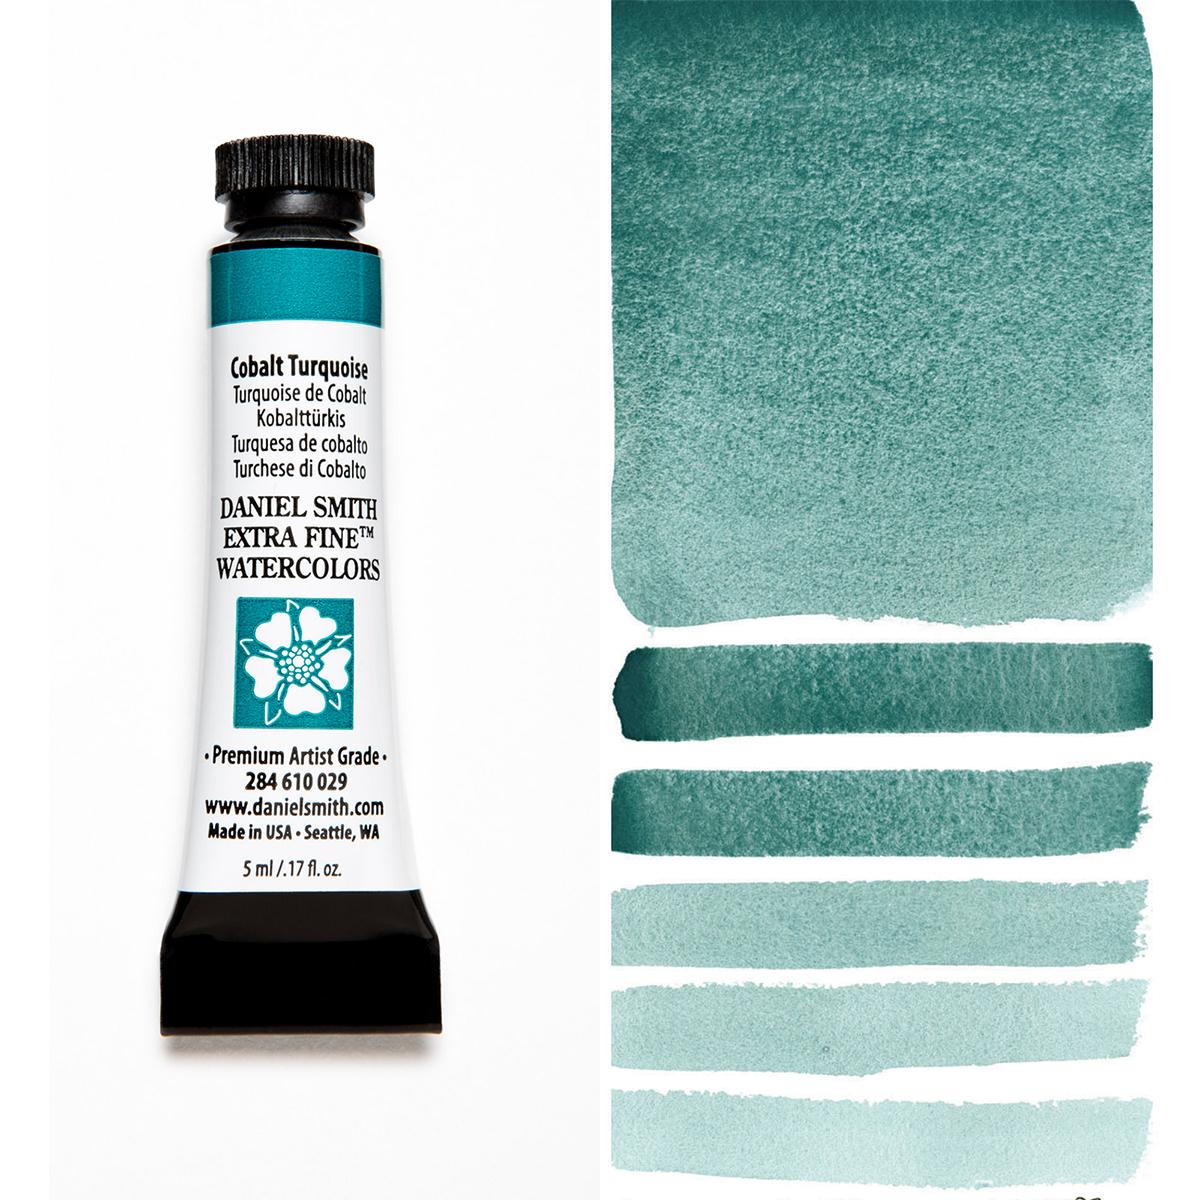 DANIEL SMITH コバルトターコイズ Cobalt キャンペーンもお見逃しなく Turquoise 水彩絵具 スミス 5mlチューブ ダニエル 即納最大半額